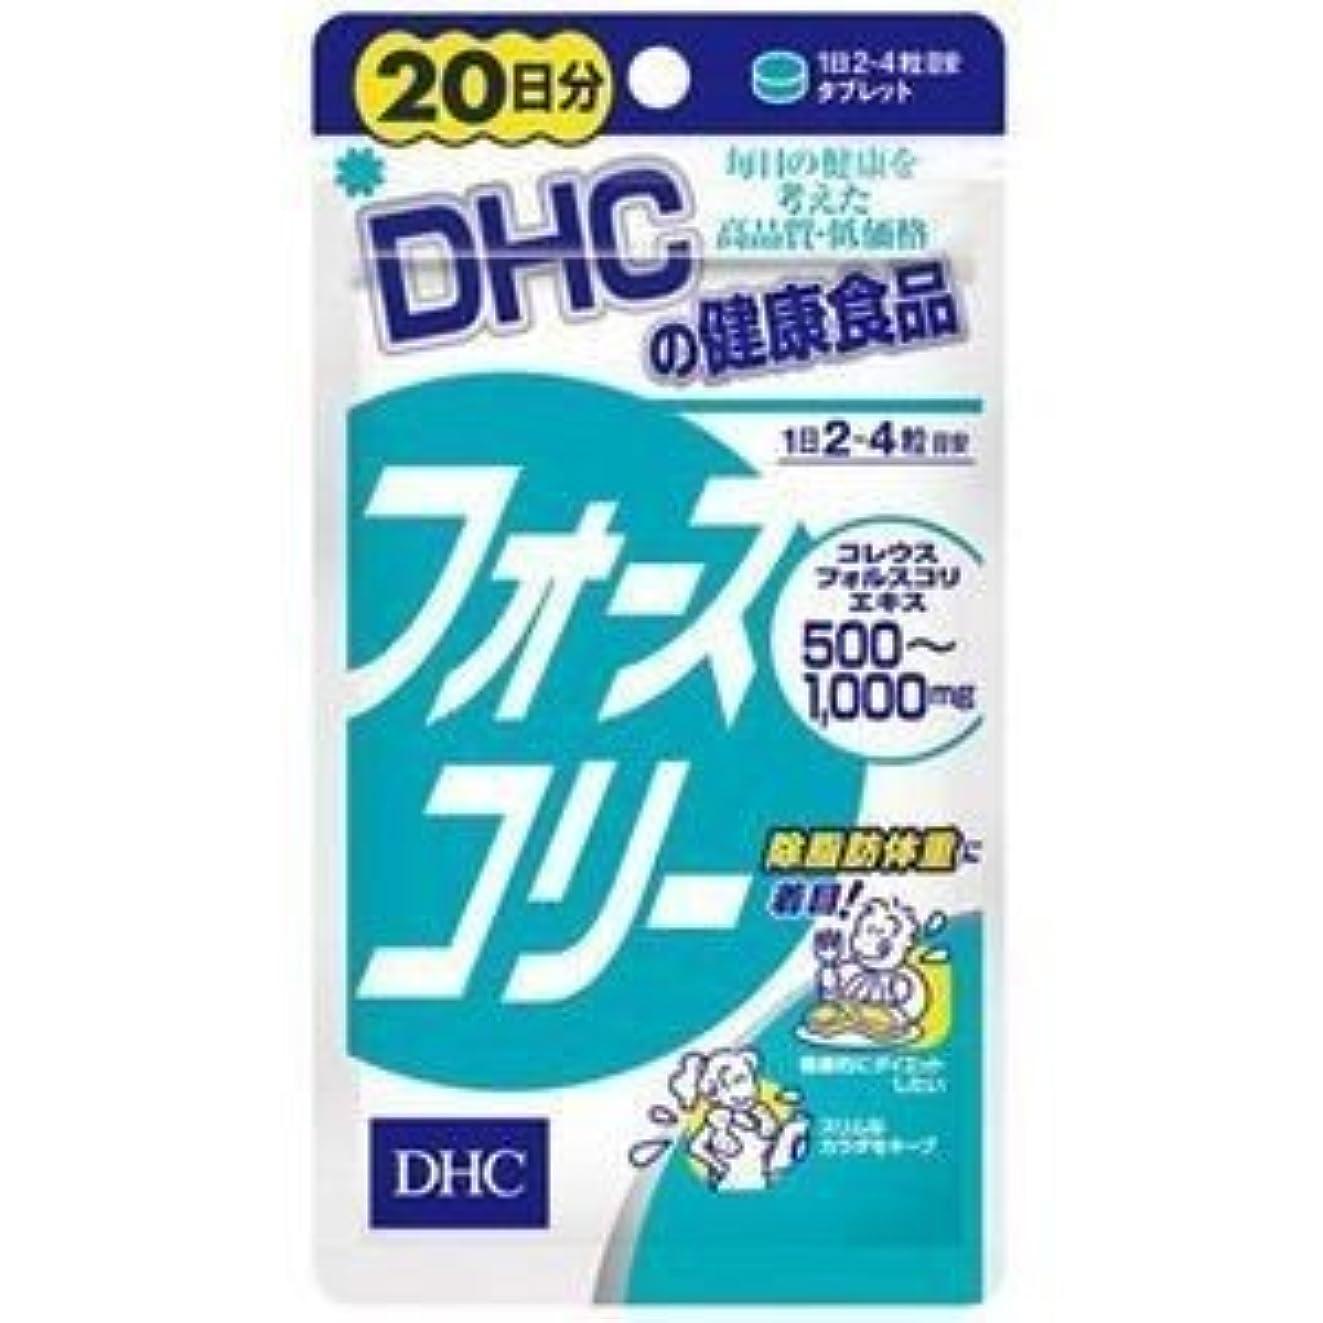 熟すこする上記の頭と肩DHC フォースコリー 20日分 80粒